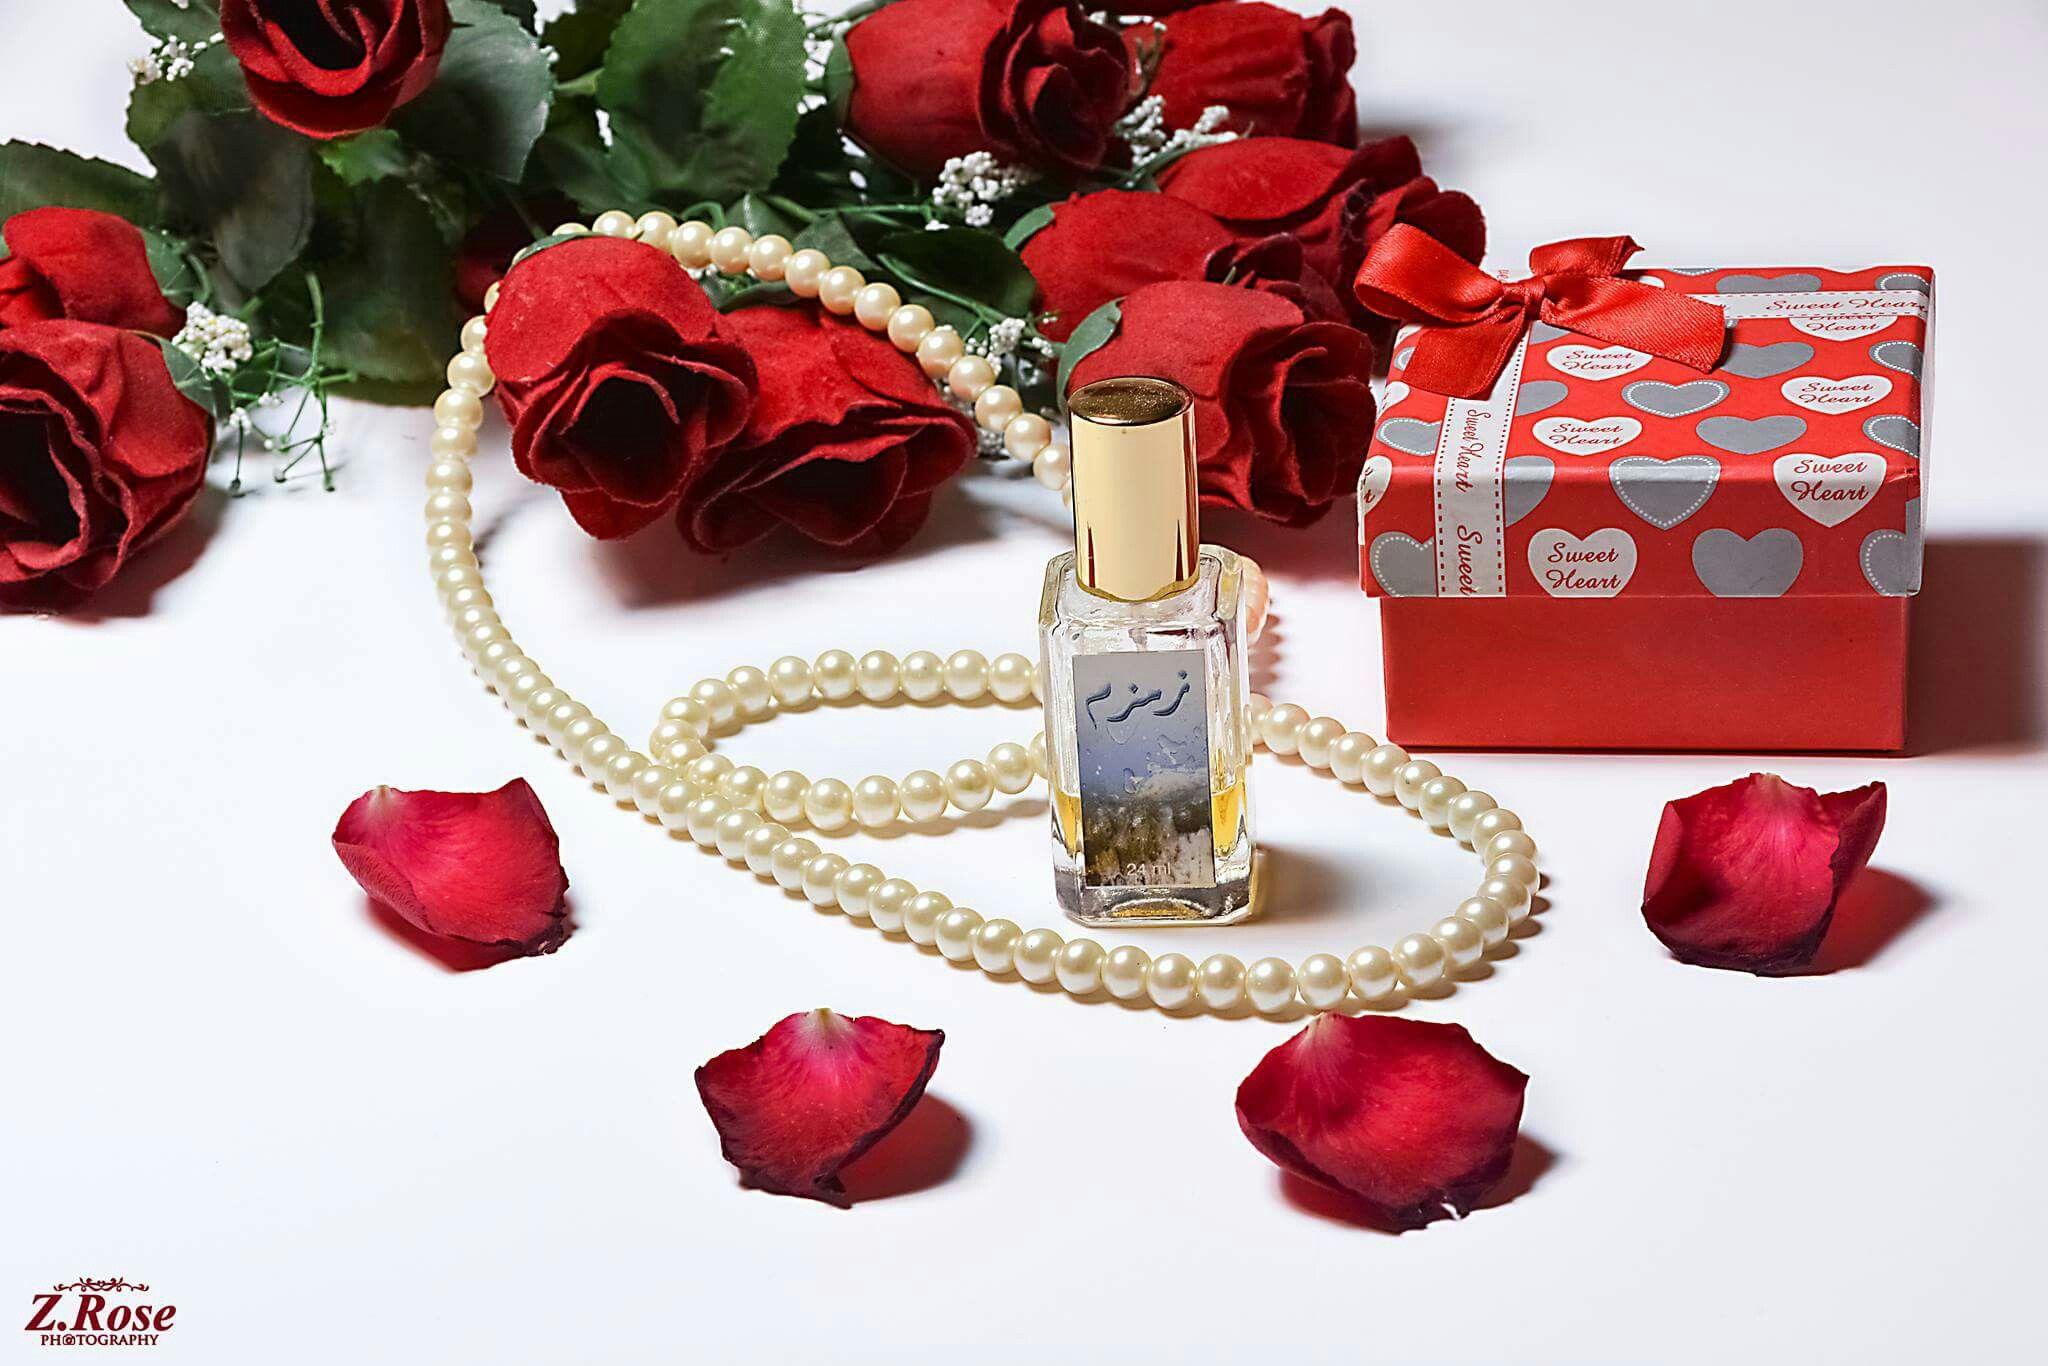 أيا أمل القلب خذني إليك وأصلح لي القلب كي يرعوي وانت القدير على كل شيء اذا شئت تفعل ما ترتضي يا اللـه جمعــة مبــاركـة C Rose P Gift Wrapping Gifts Wrap